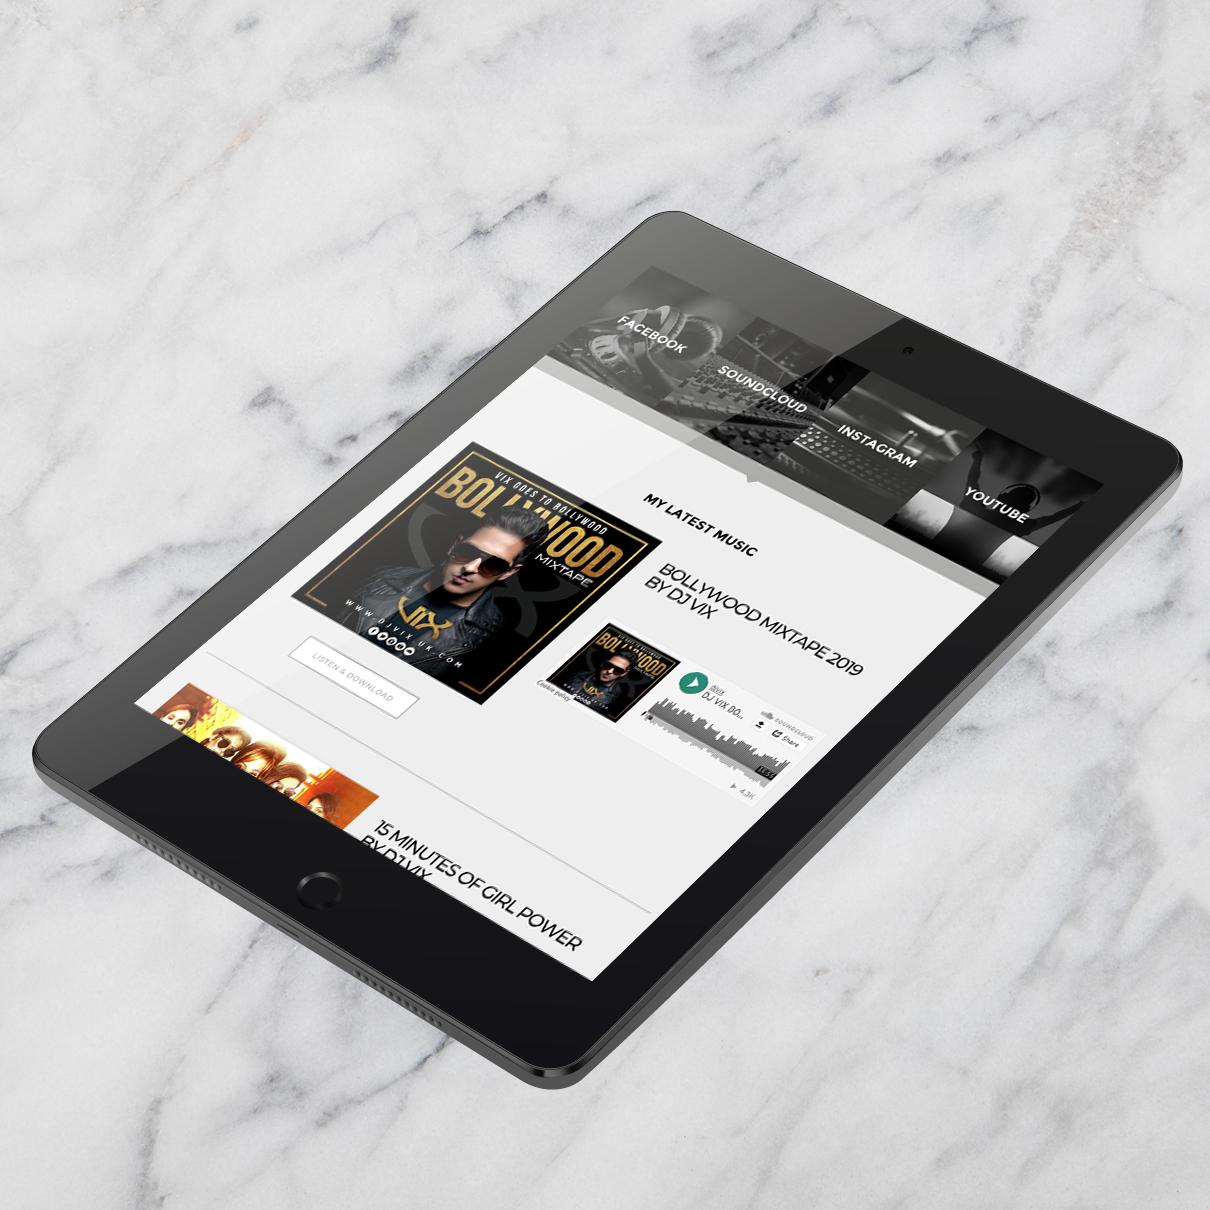 DJ-Vix-Site-tablet